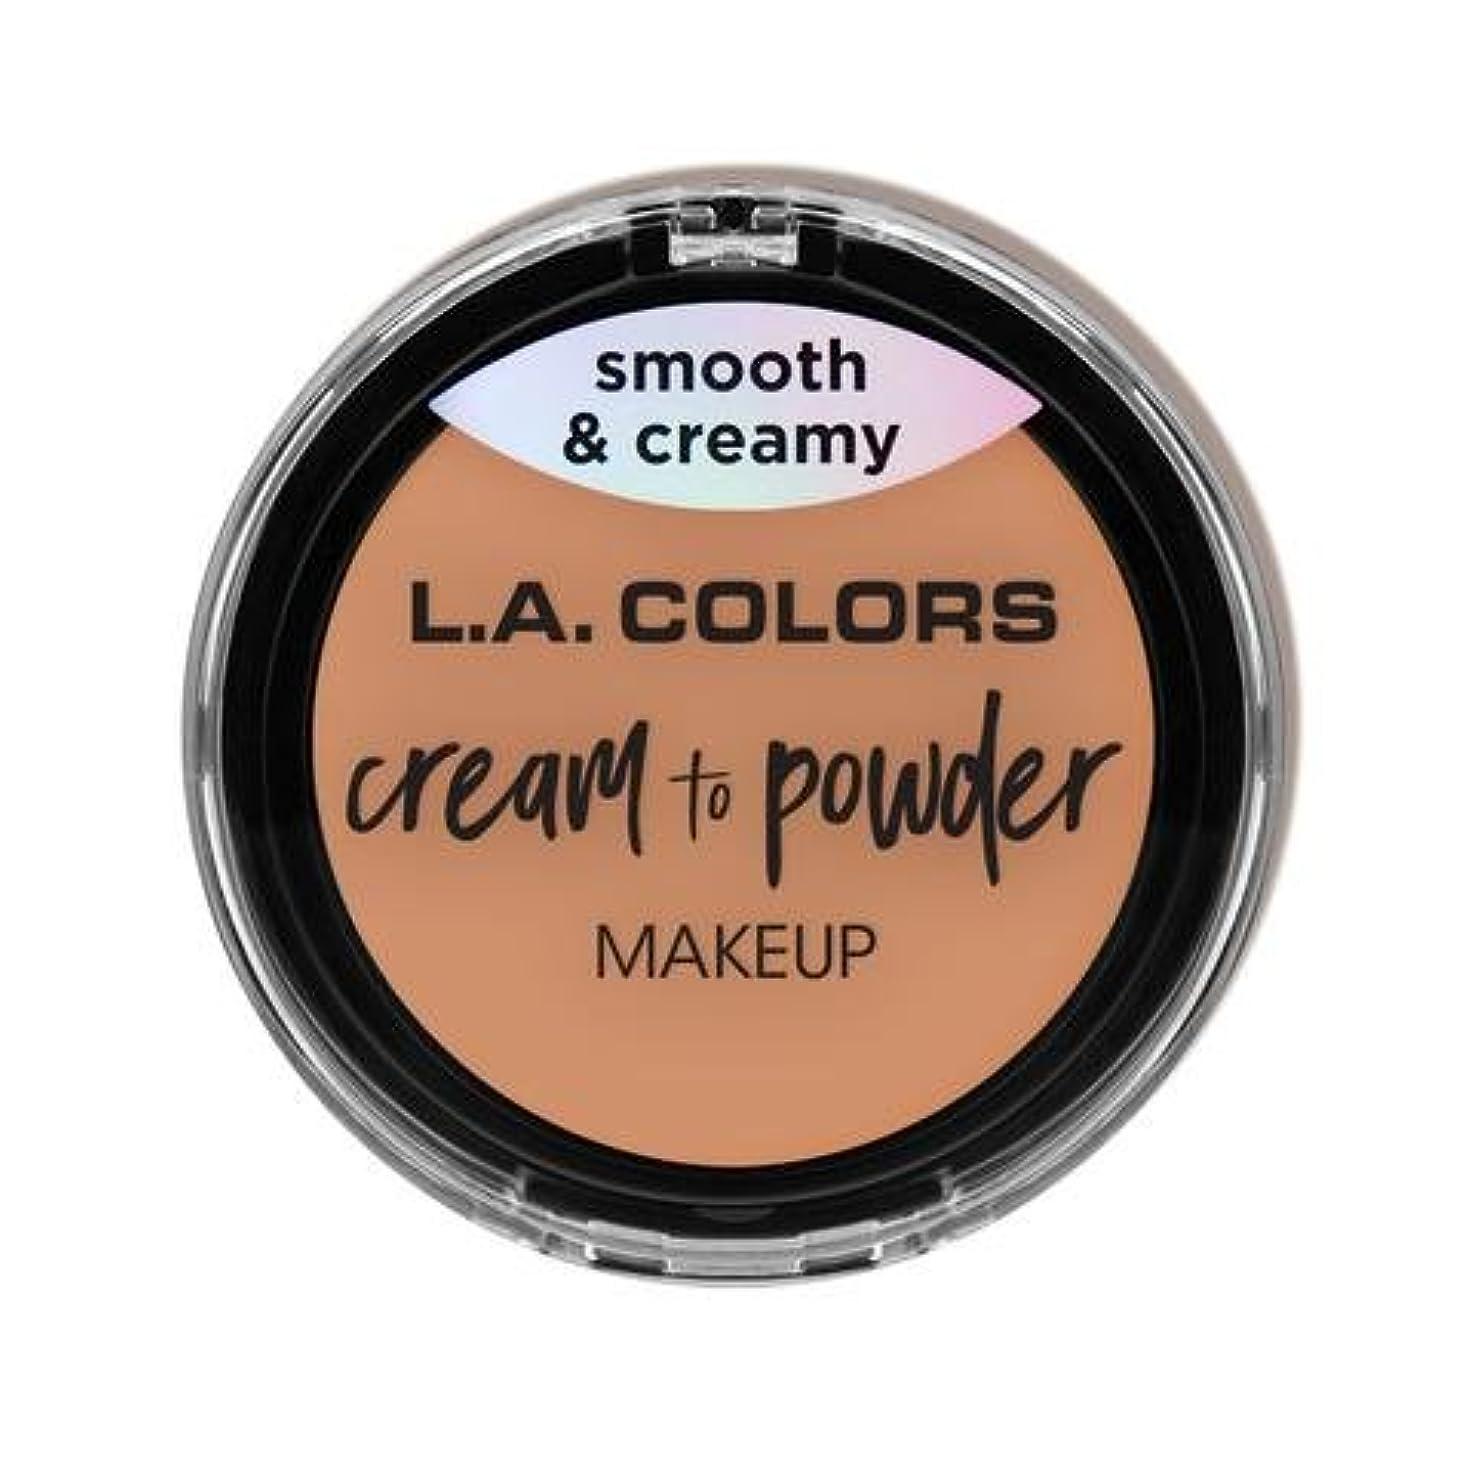 アイザック遅い論理(3 Pack) L.A. COLORS Cream To Powder Foundation - Shell (並行輸入品)